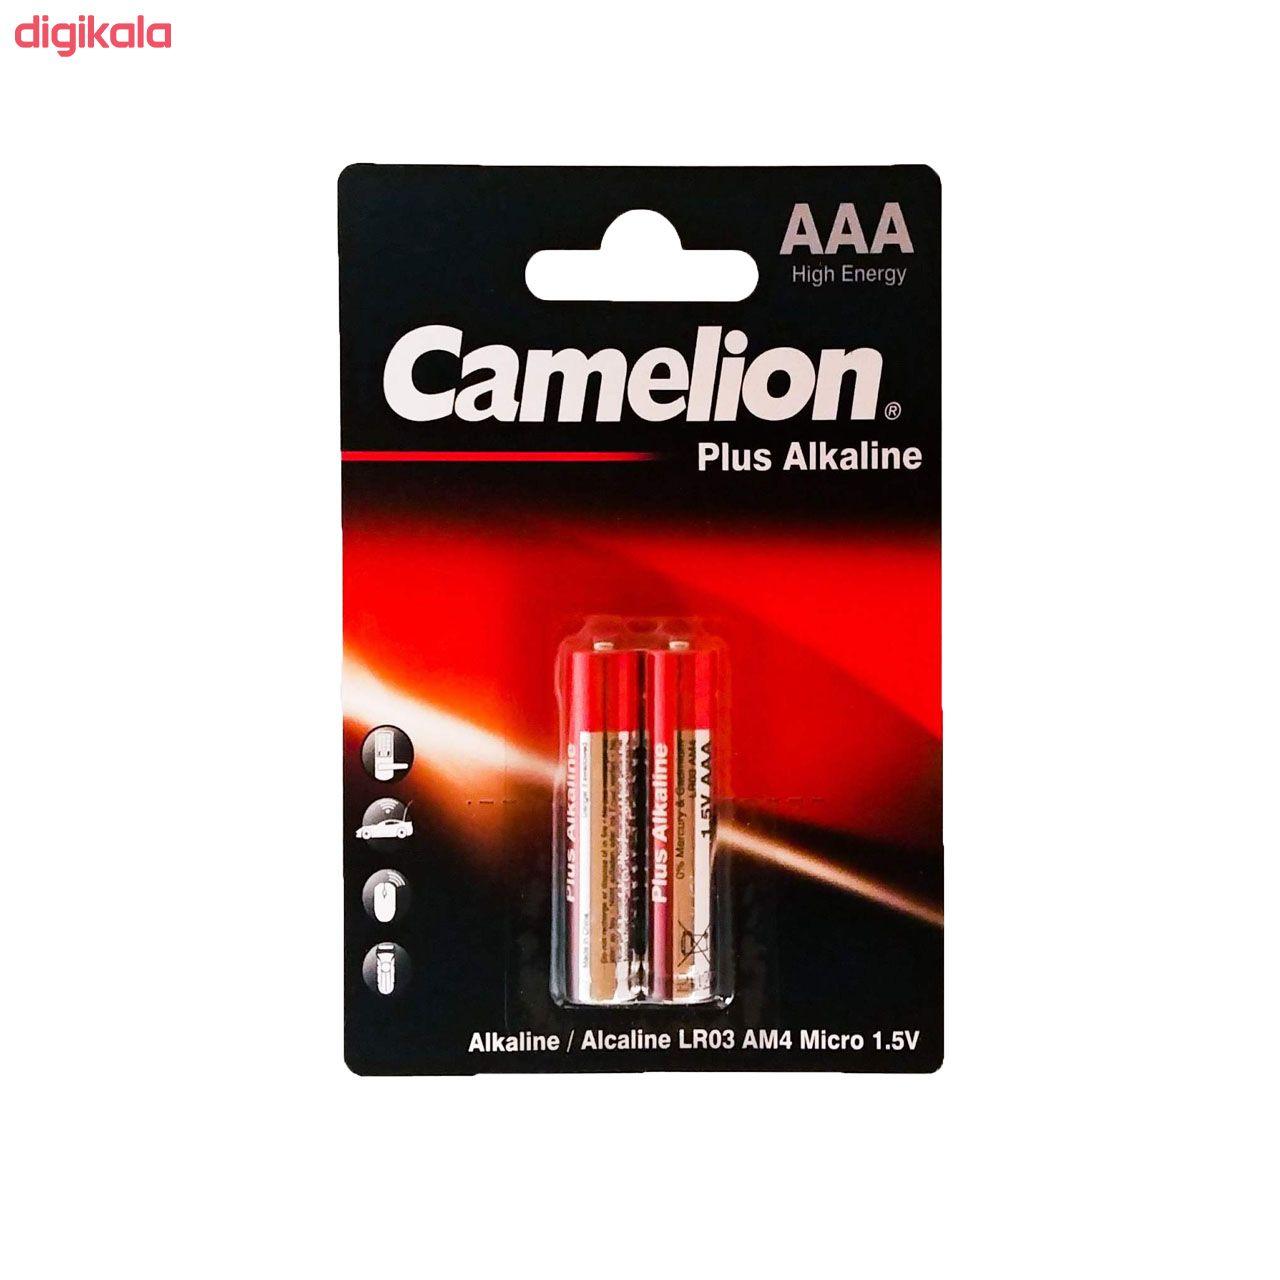 باتری نیم قلمی کملیون مدل Plus Alkaline کد 021 بسته 2 عددی main 1 1